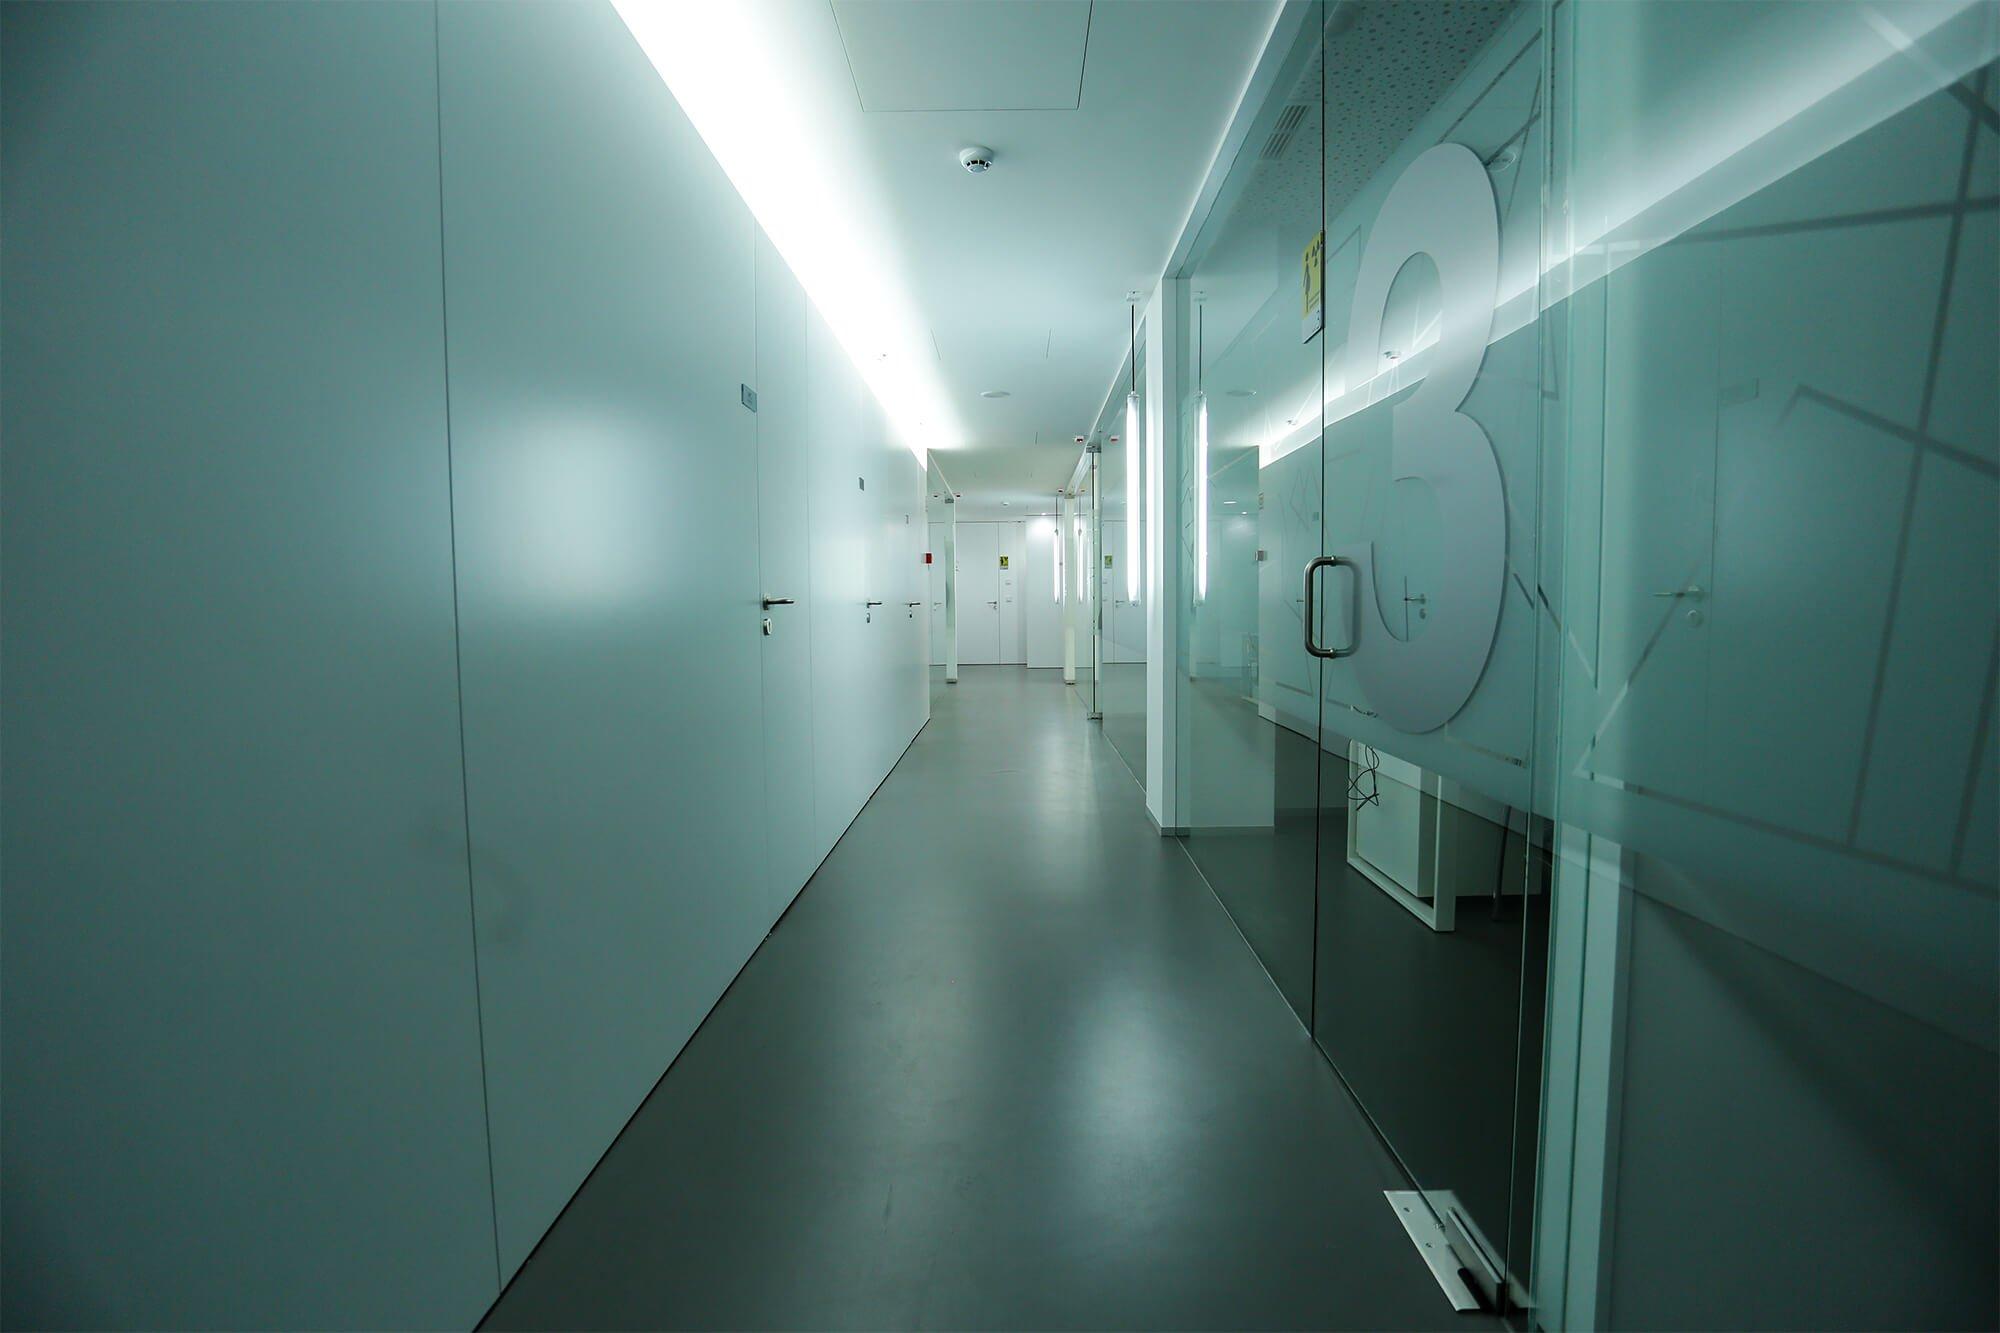 clinica-rio-tinto-orto-m-25